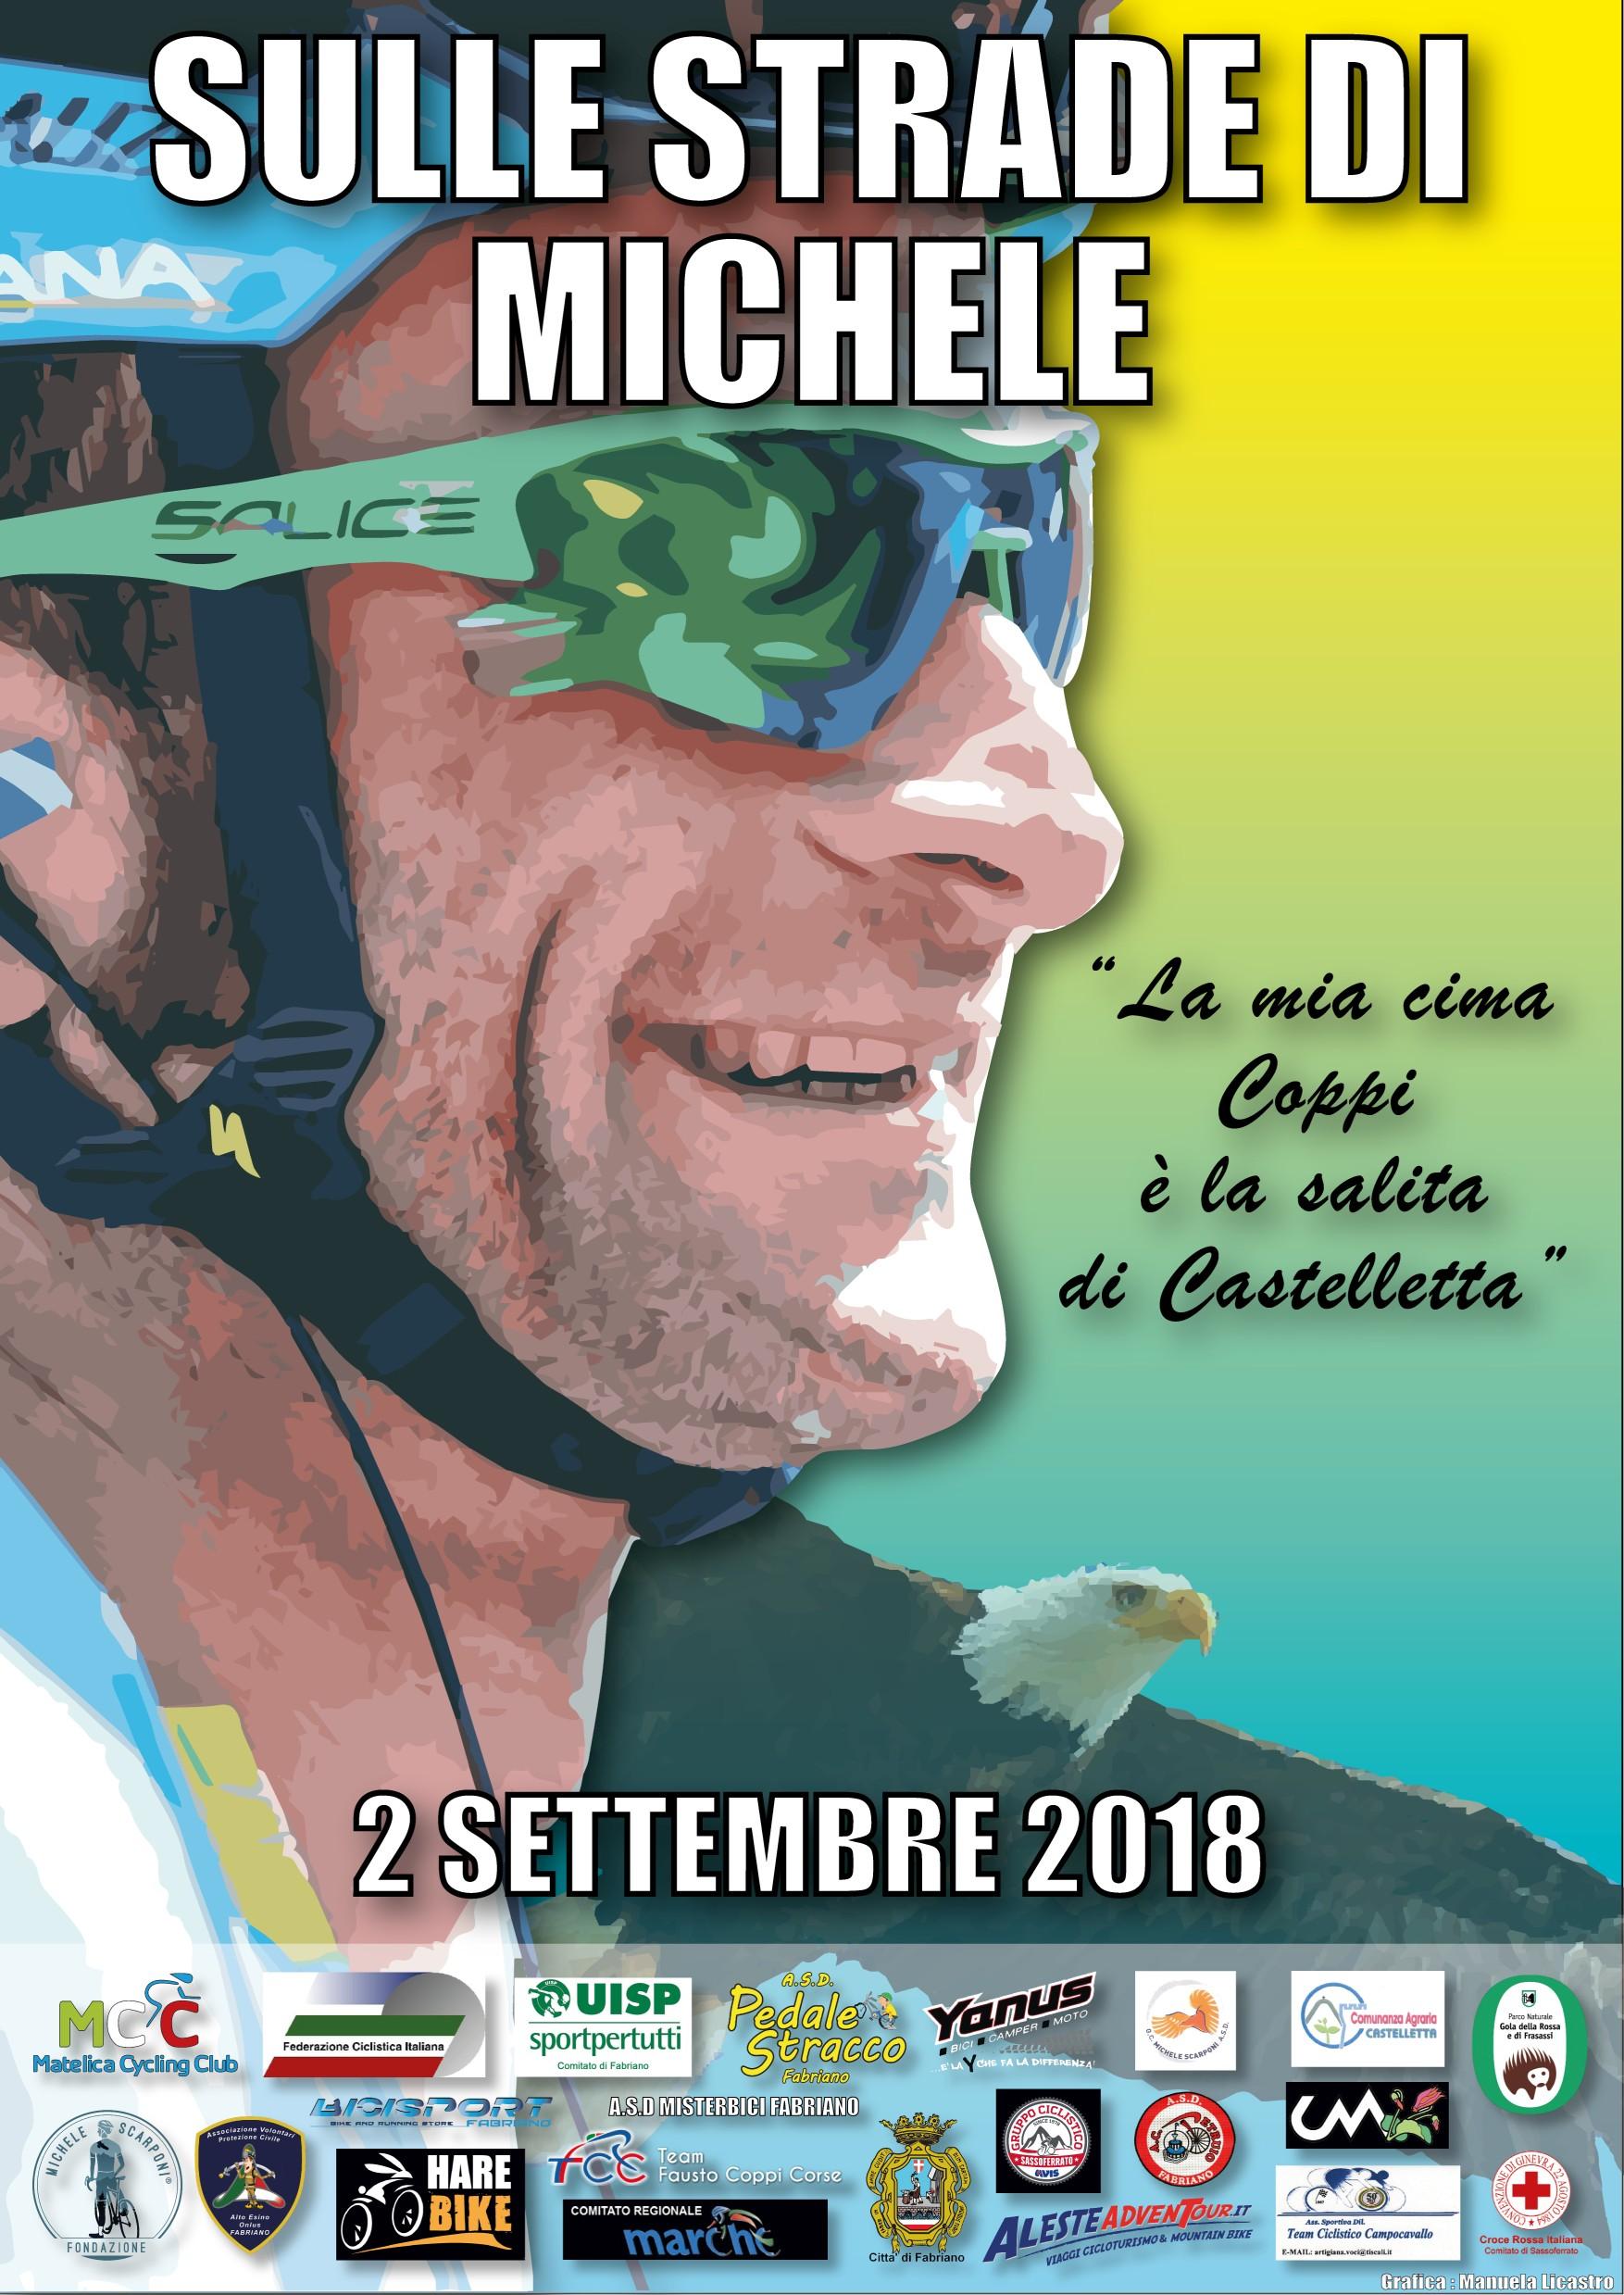 """""""Sulle strade di Michele"""" 2 settembre giornata dedicata a Michele Scarponi"""